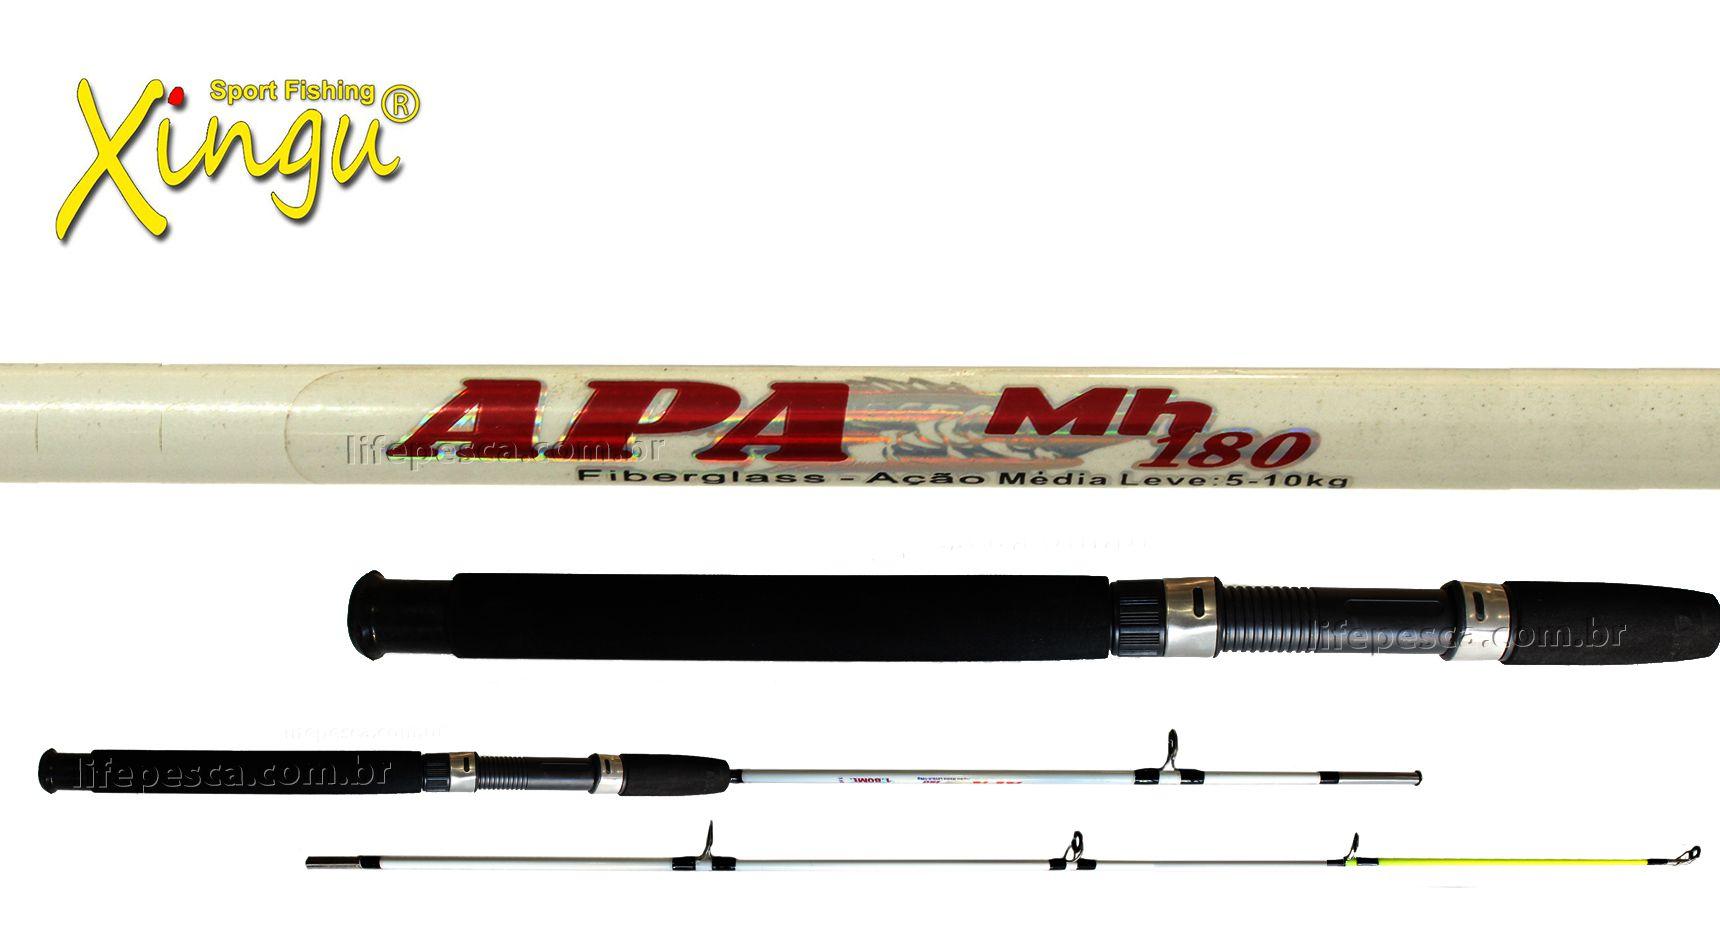 Vara para Molinete Xingu APA MH 6 0 (1,80m) 11-22Lbs XV3169 - 2 Partes - Várias Cores  - Life Pesca - Sua loja de Pesca, Camping e Lazer